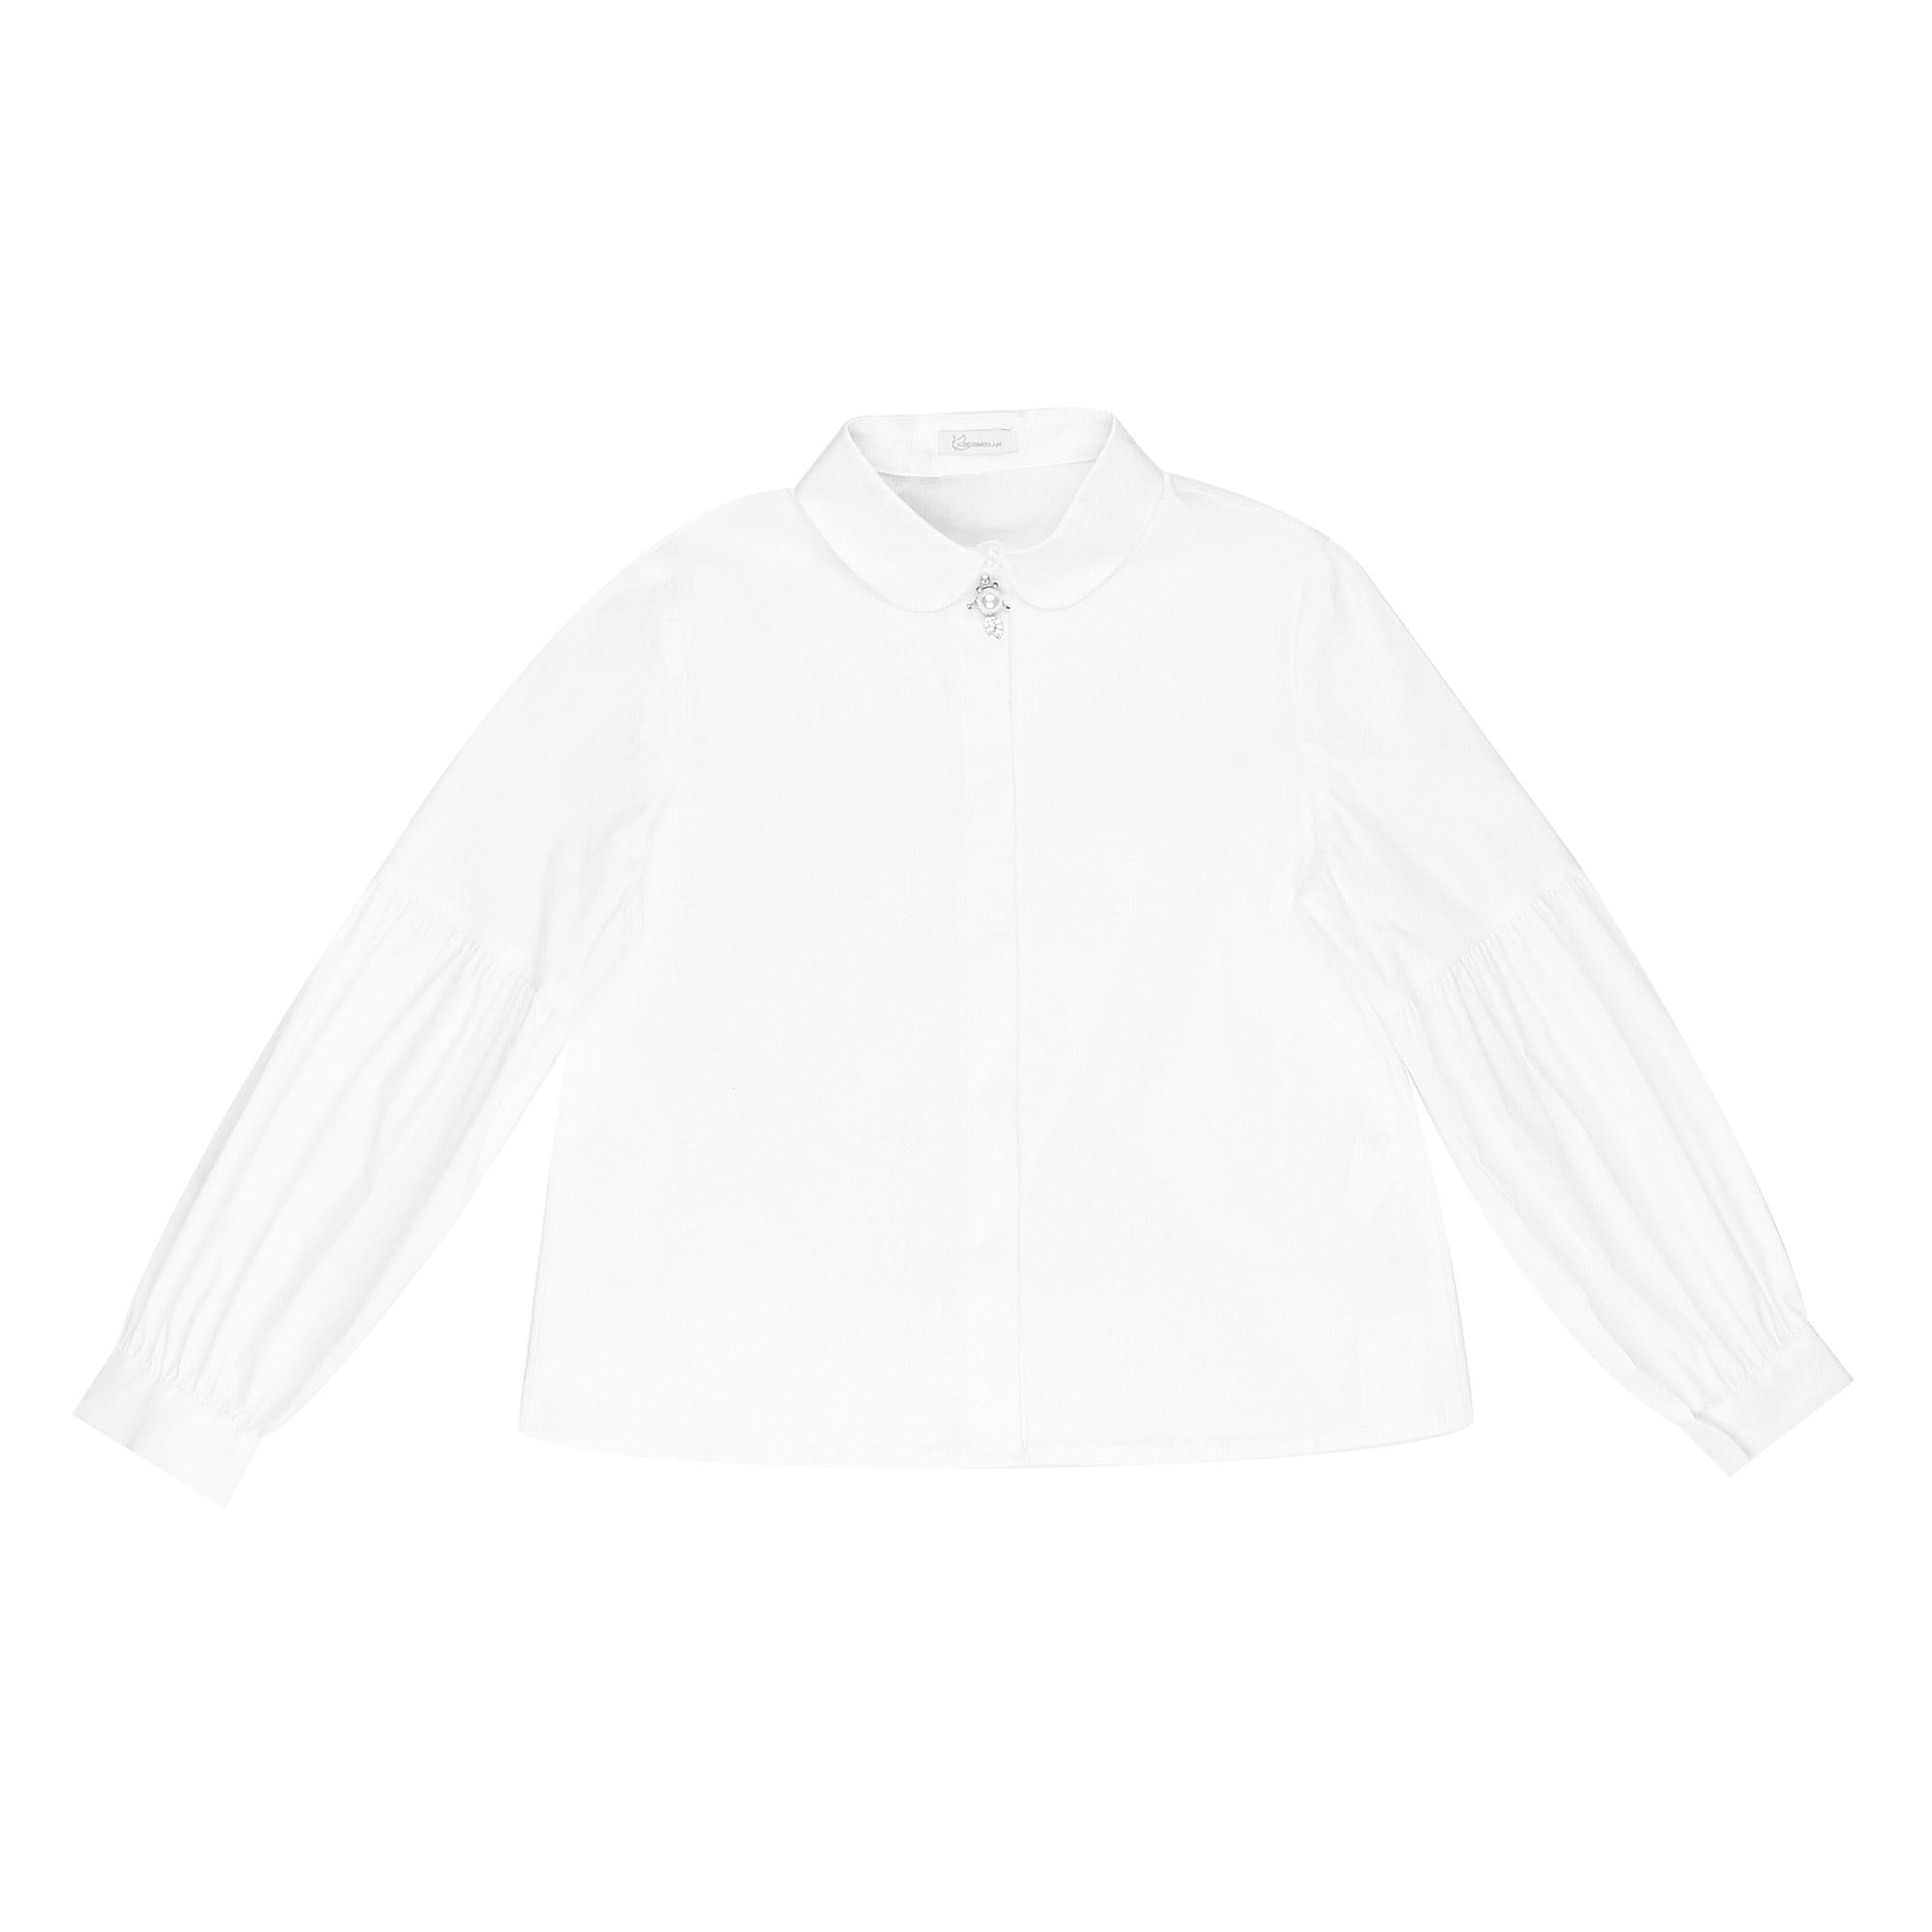 Блузка школьная КАРАМЕЛЛИ О74161 белая 152 фото